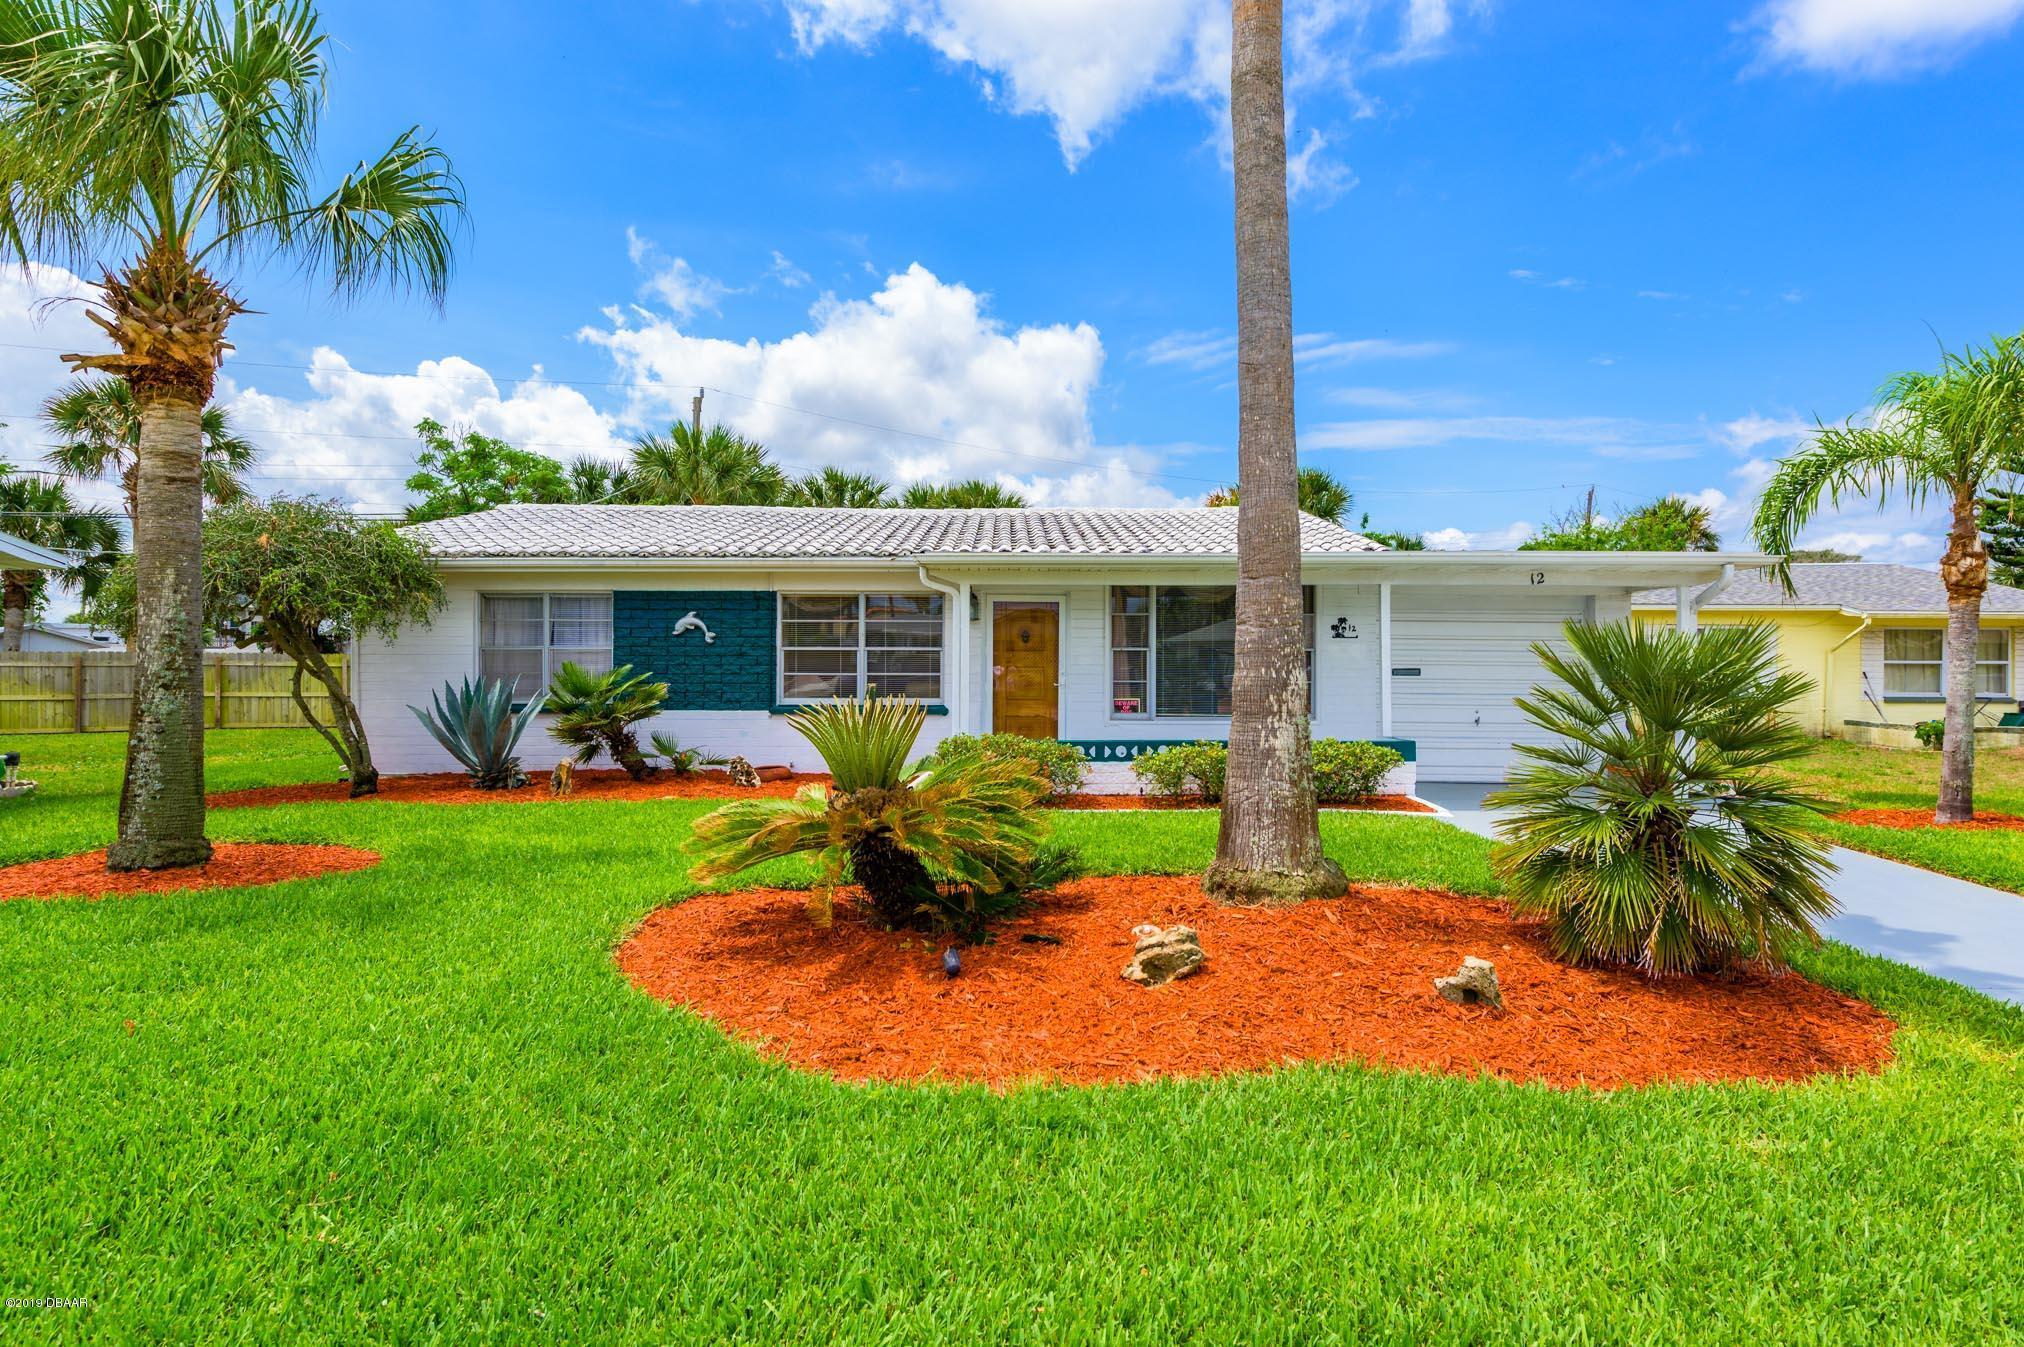 Photo of 12 Sunny Shore Drive, Ormond Beach, FL 32176